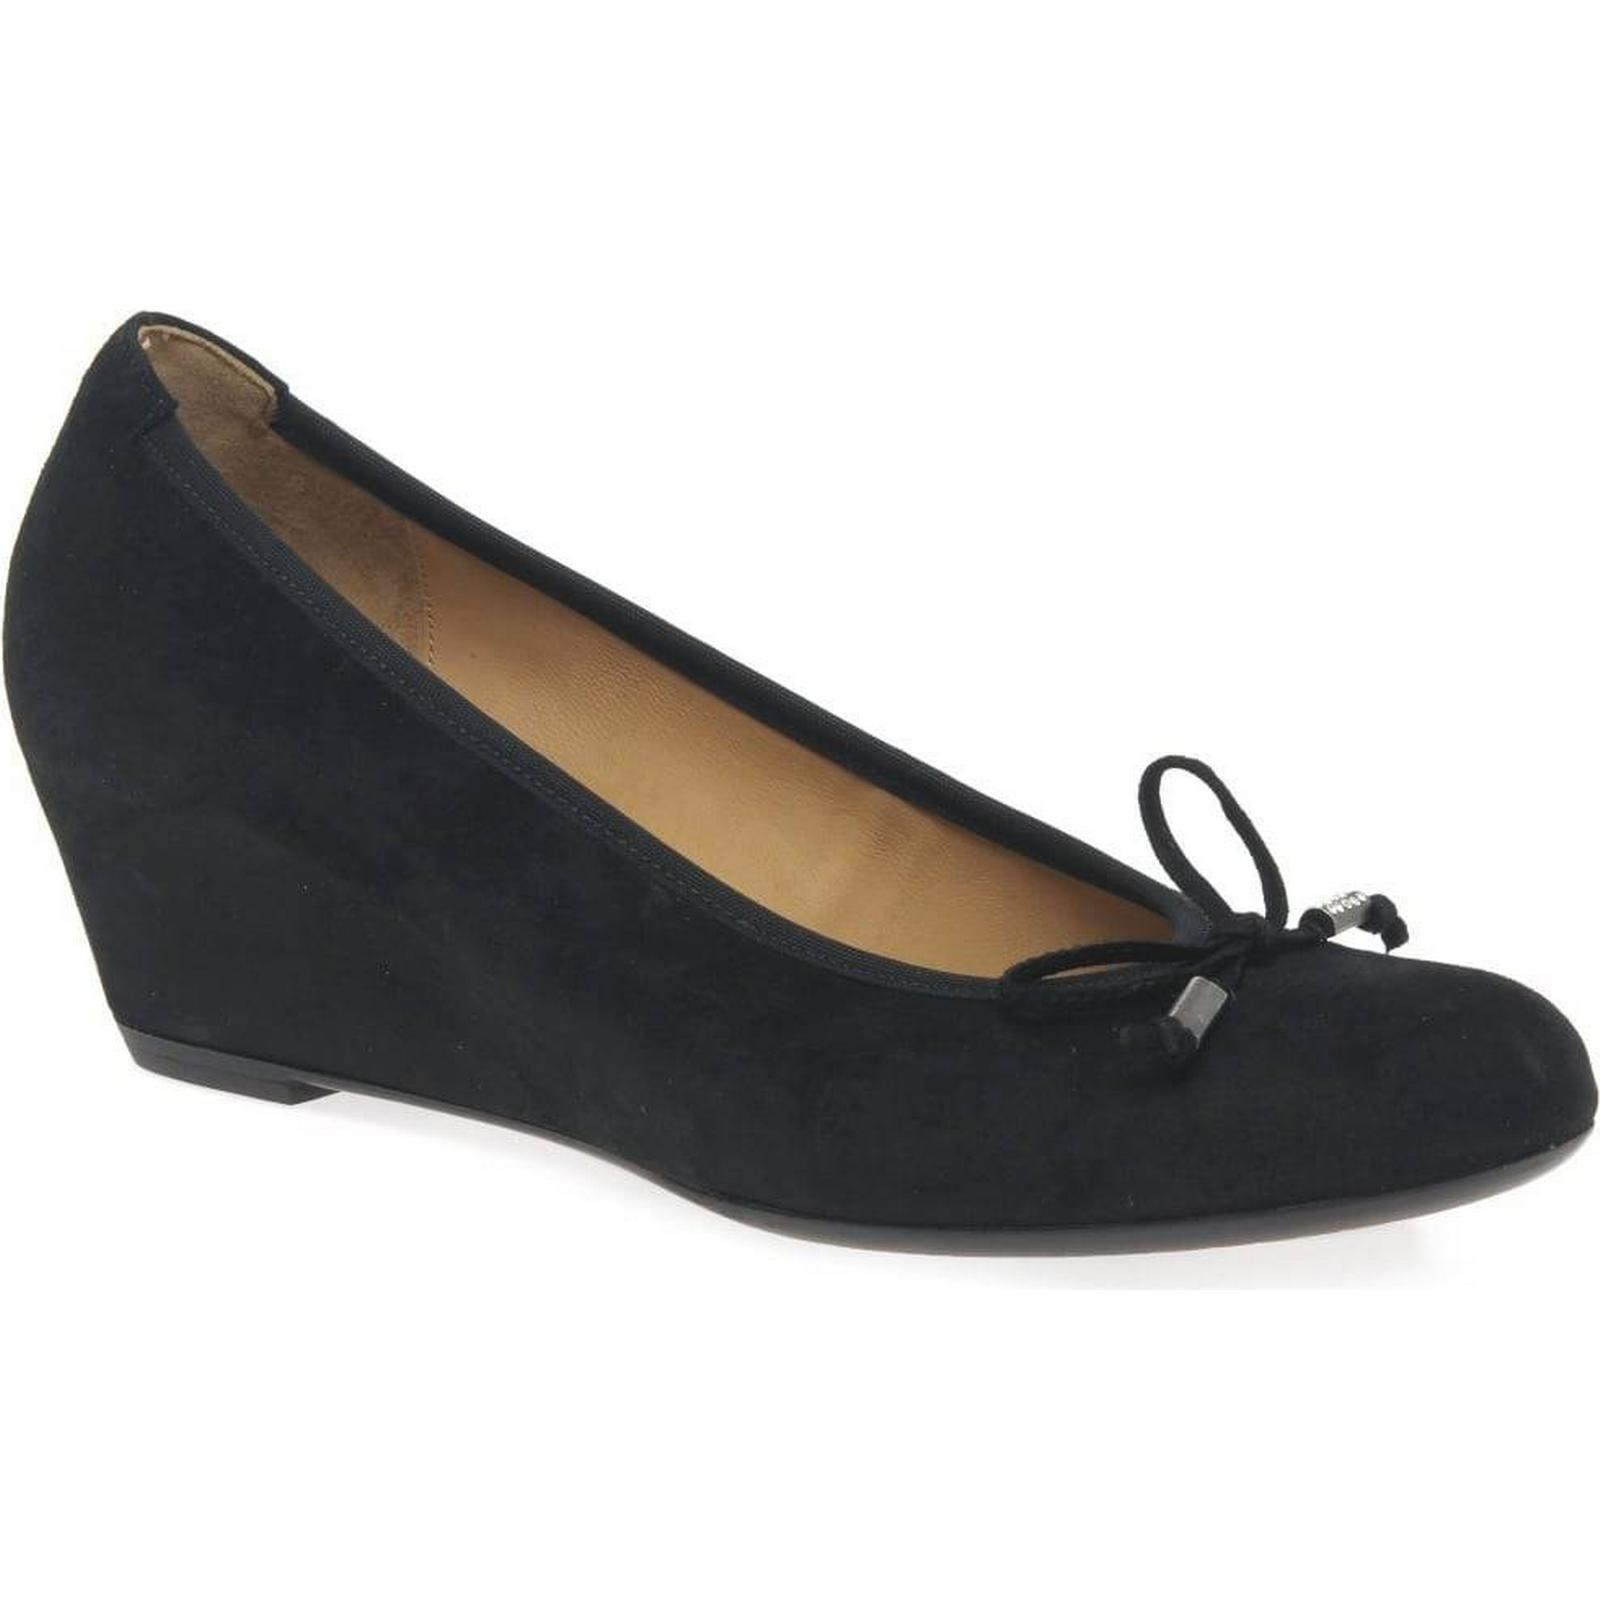 Gabor Alvin Black Womens Casual Shoes Colour: Black Alvin Suede, Size: 6.5 af4f0c